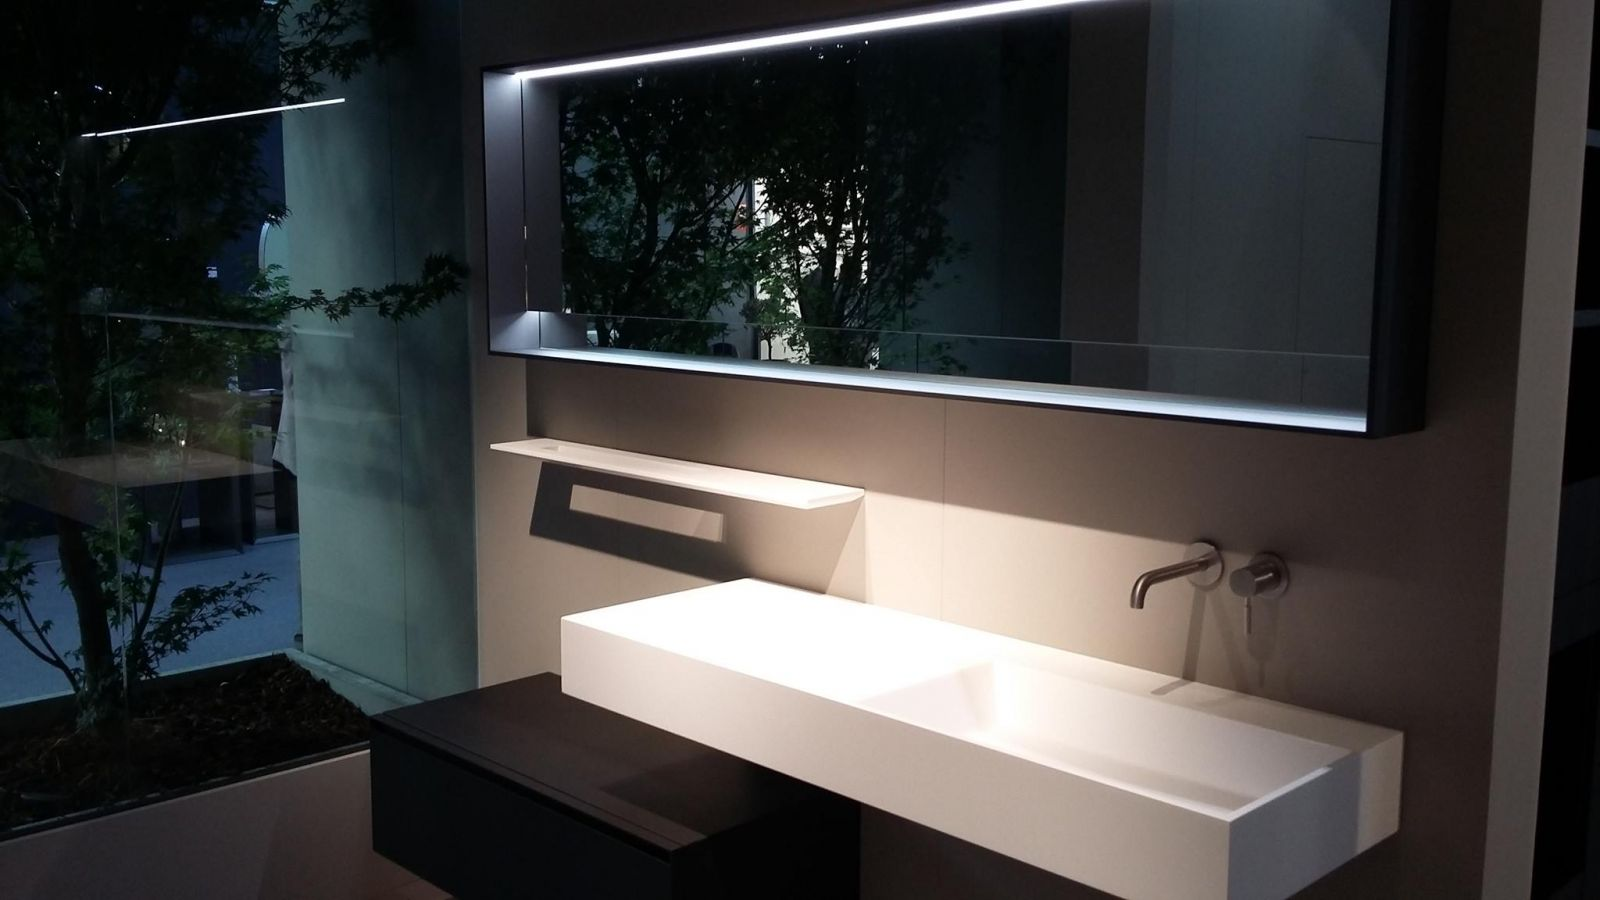 Badkamer Renovatie Edegem : Badkamerrenovatie een nieuwe badkamer douche of toilet mogelijk